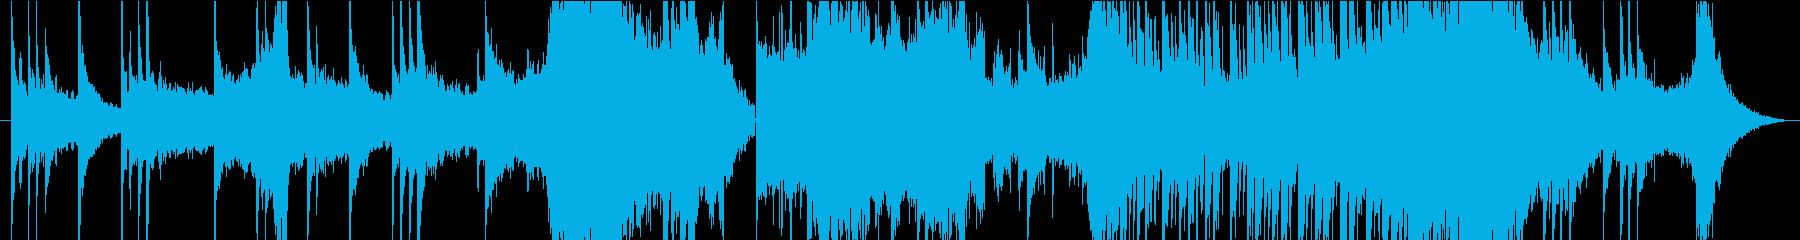 厳かな雰囲気の和風BGMの再生済みの波形